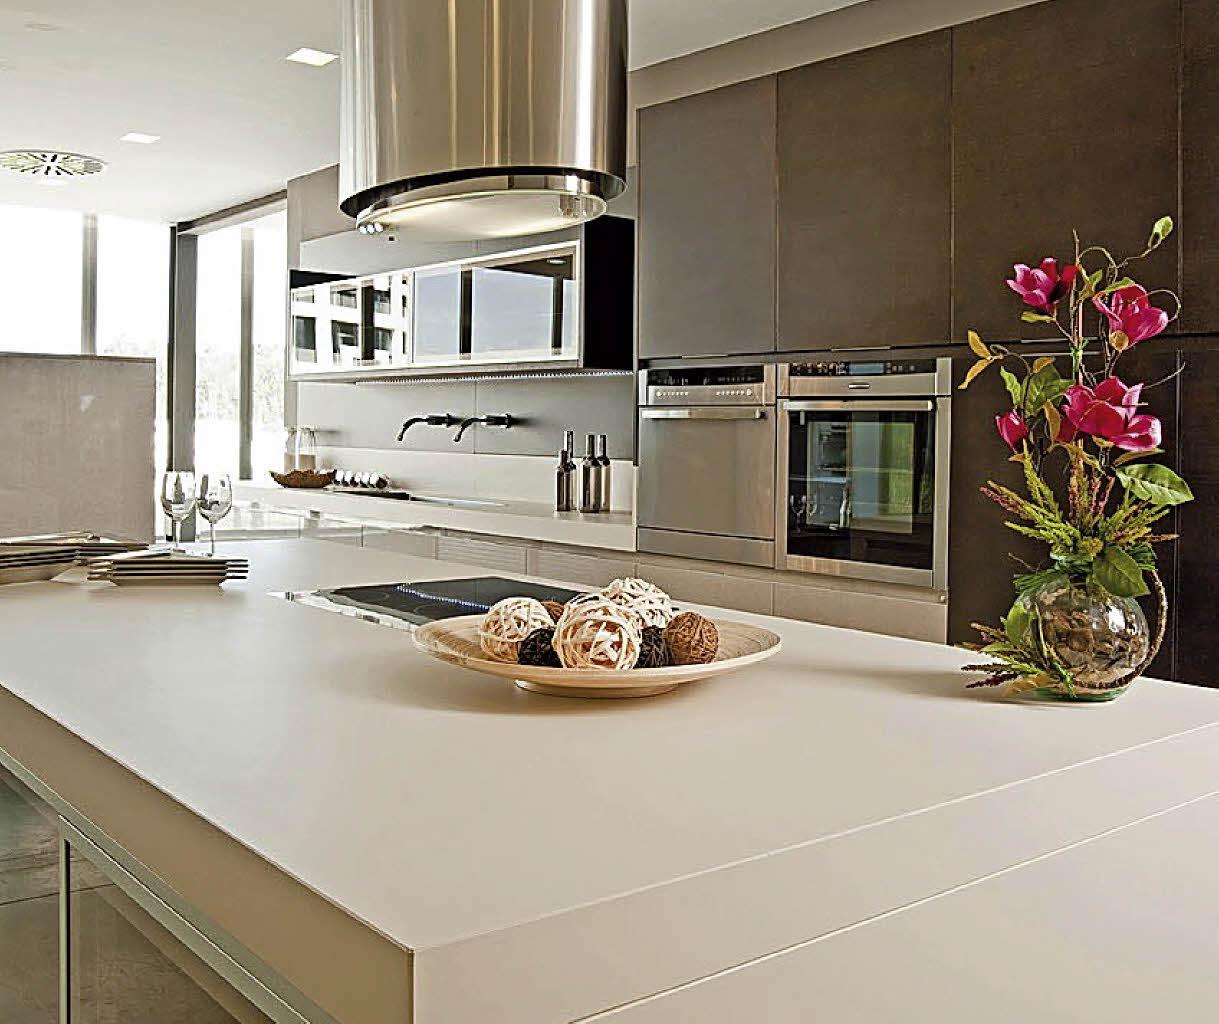 kein problem f r den r cken haus garten badische zeitung. Black Bedroom Furniture Sets. Home Design Ideas